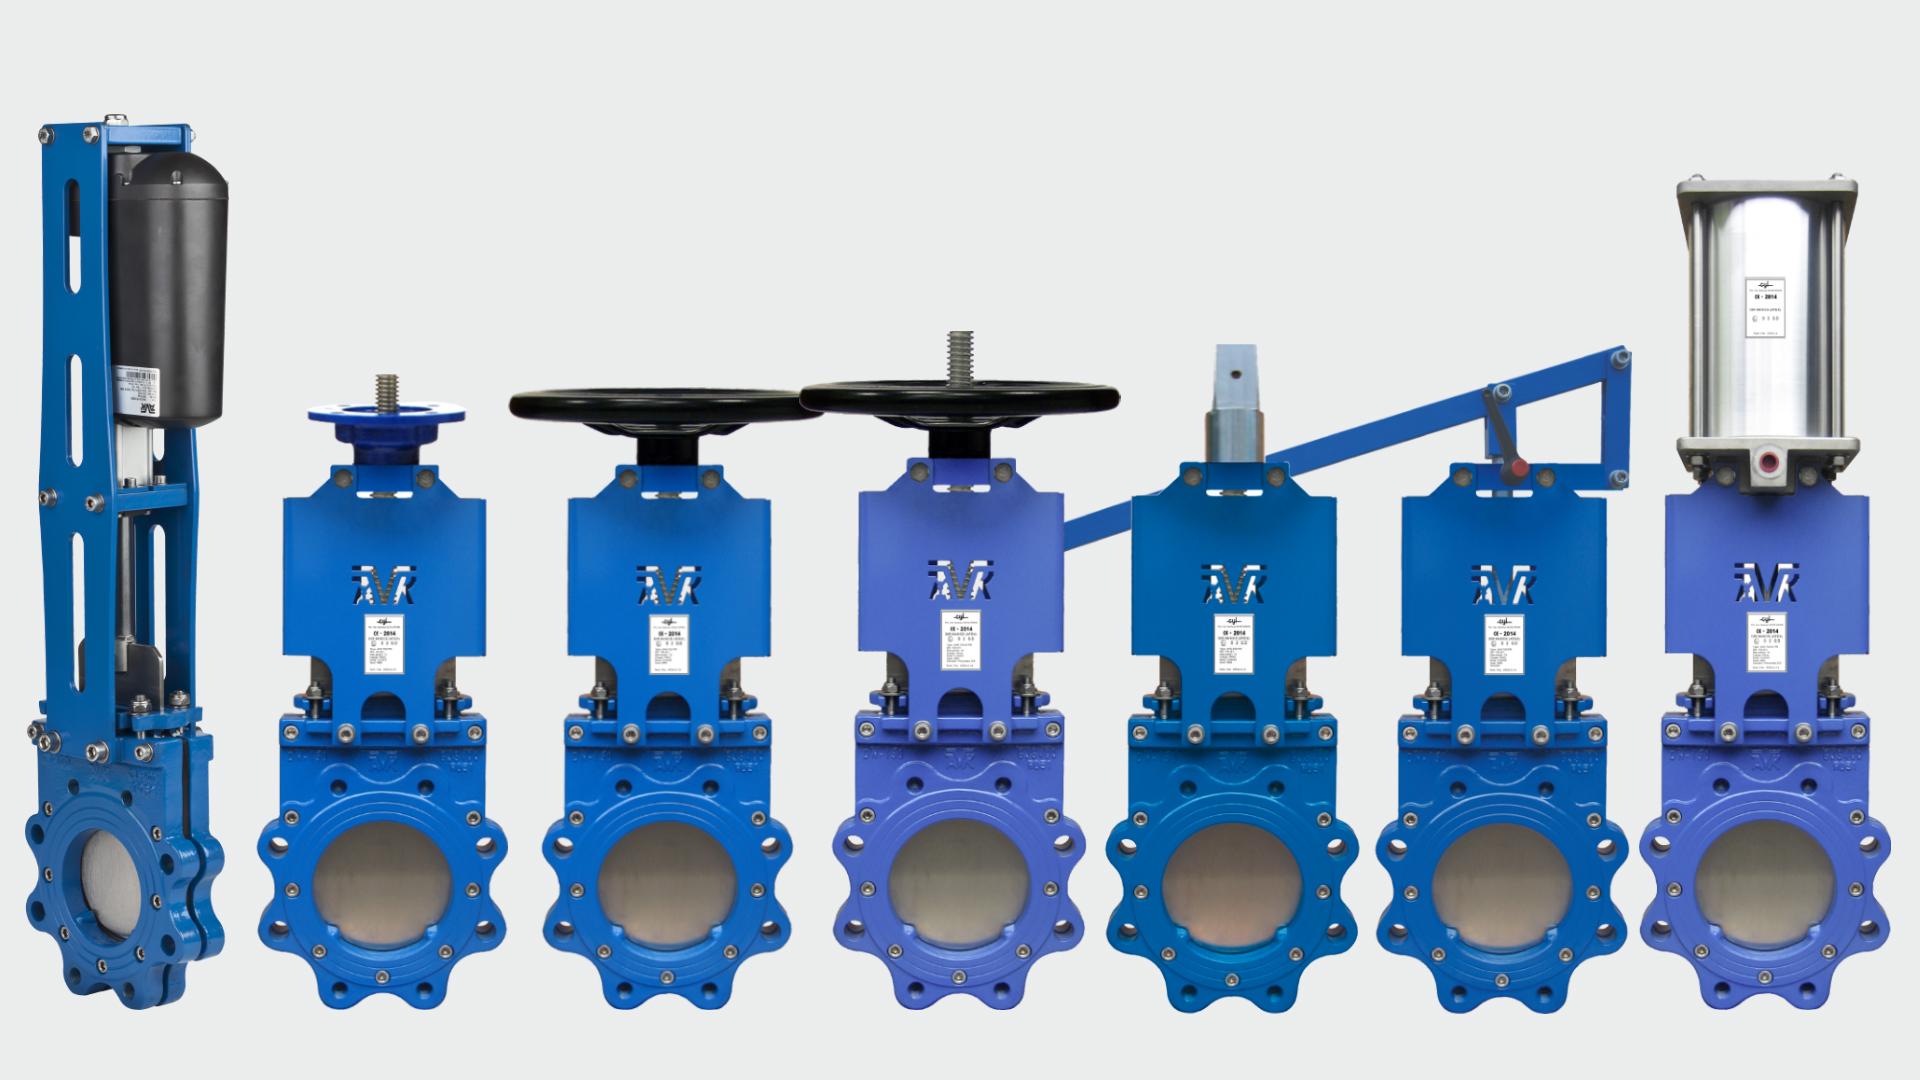 Selection of the range of AVK knife gate valves